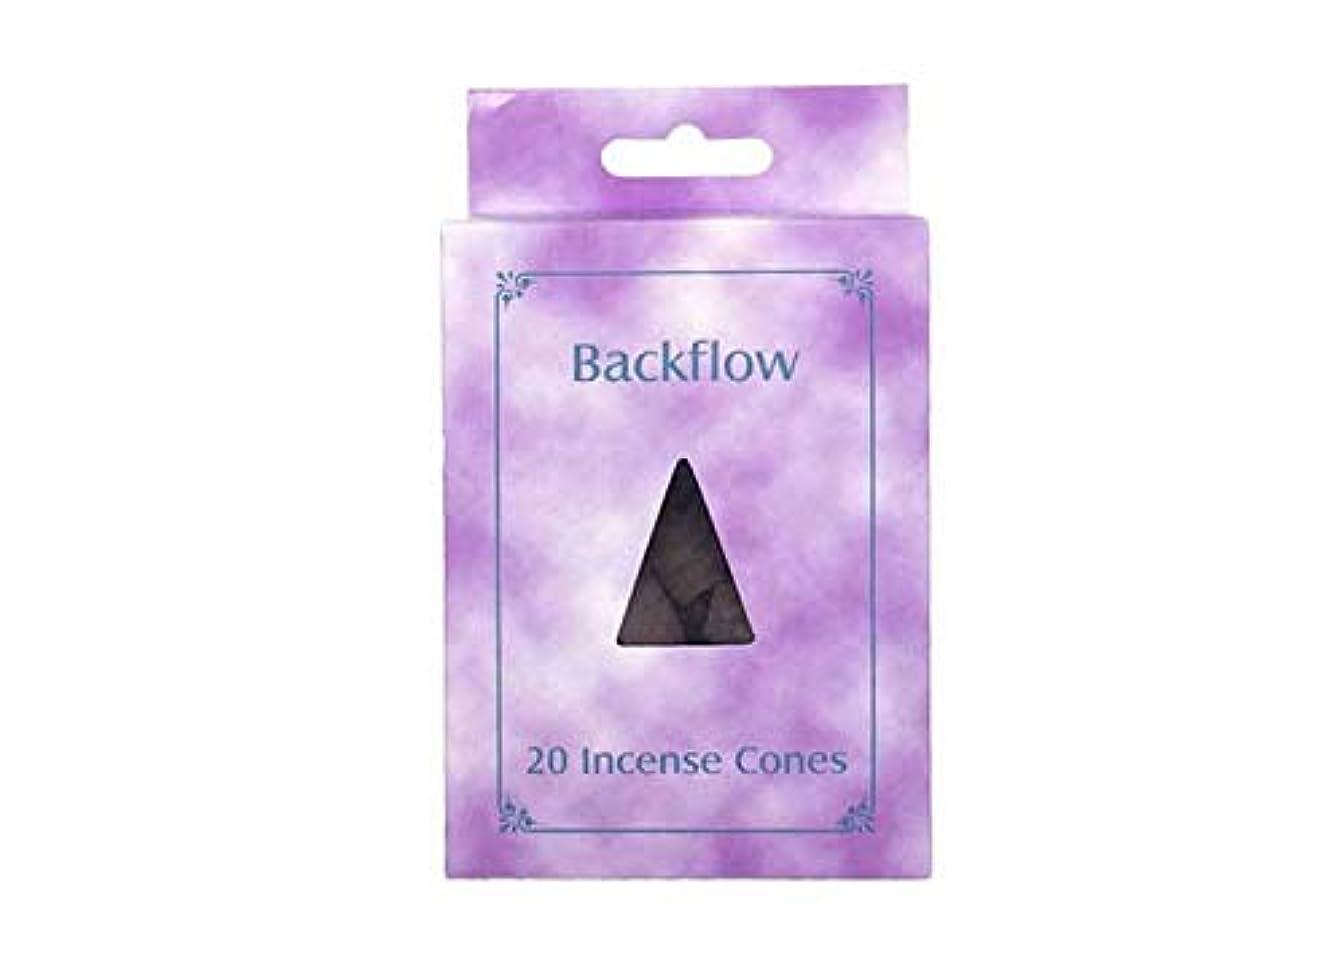 脆い不一致輸血お香 逆流コーン 逆流香 20p ローズ Backflow Incense Cones 20p Rose